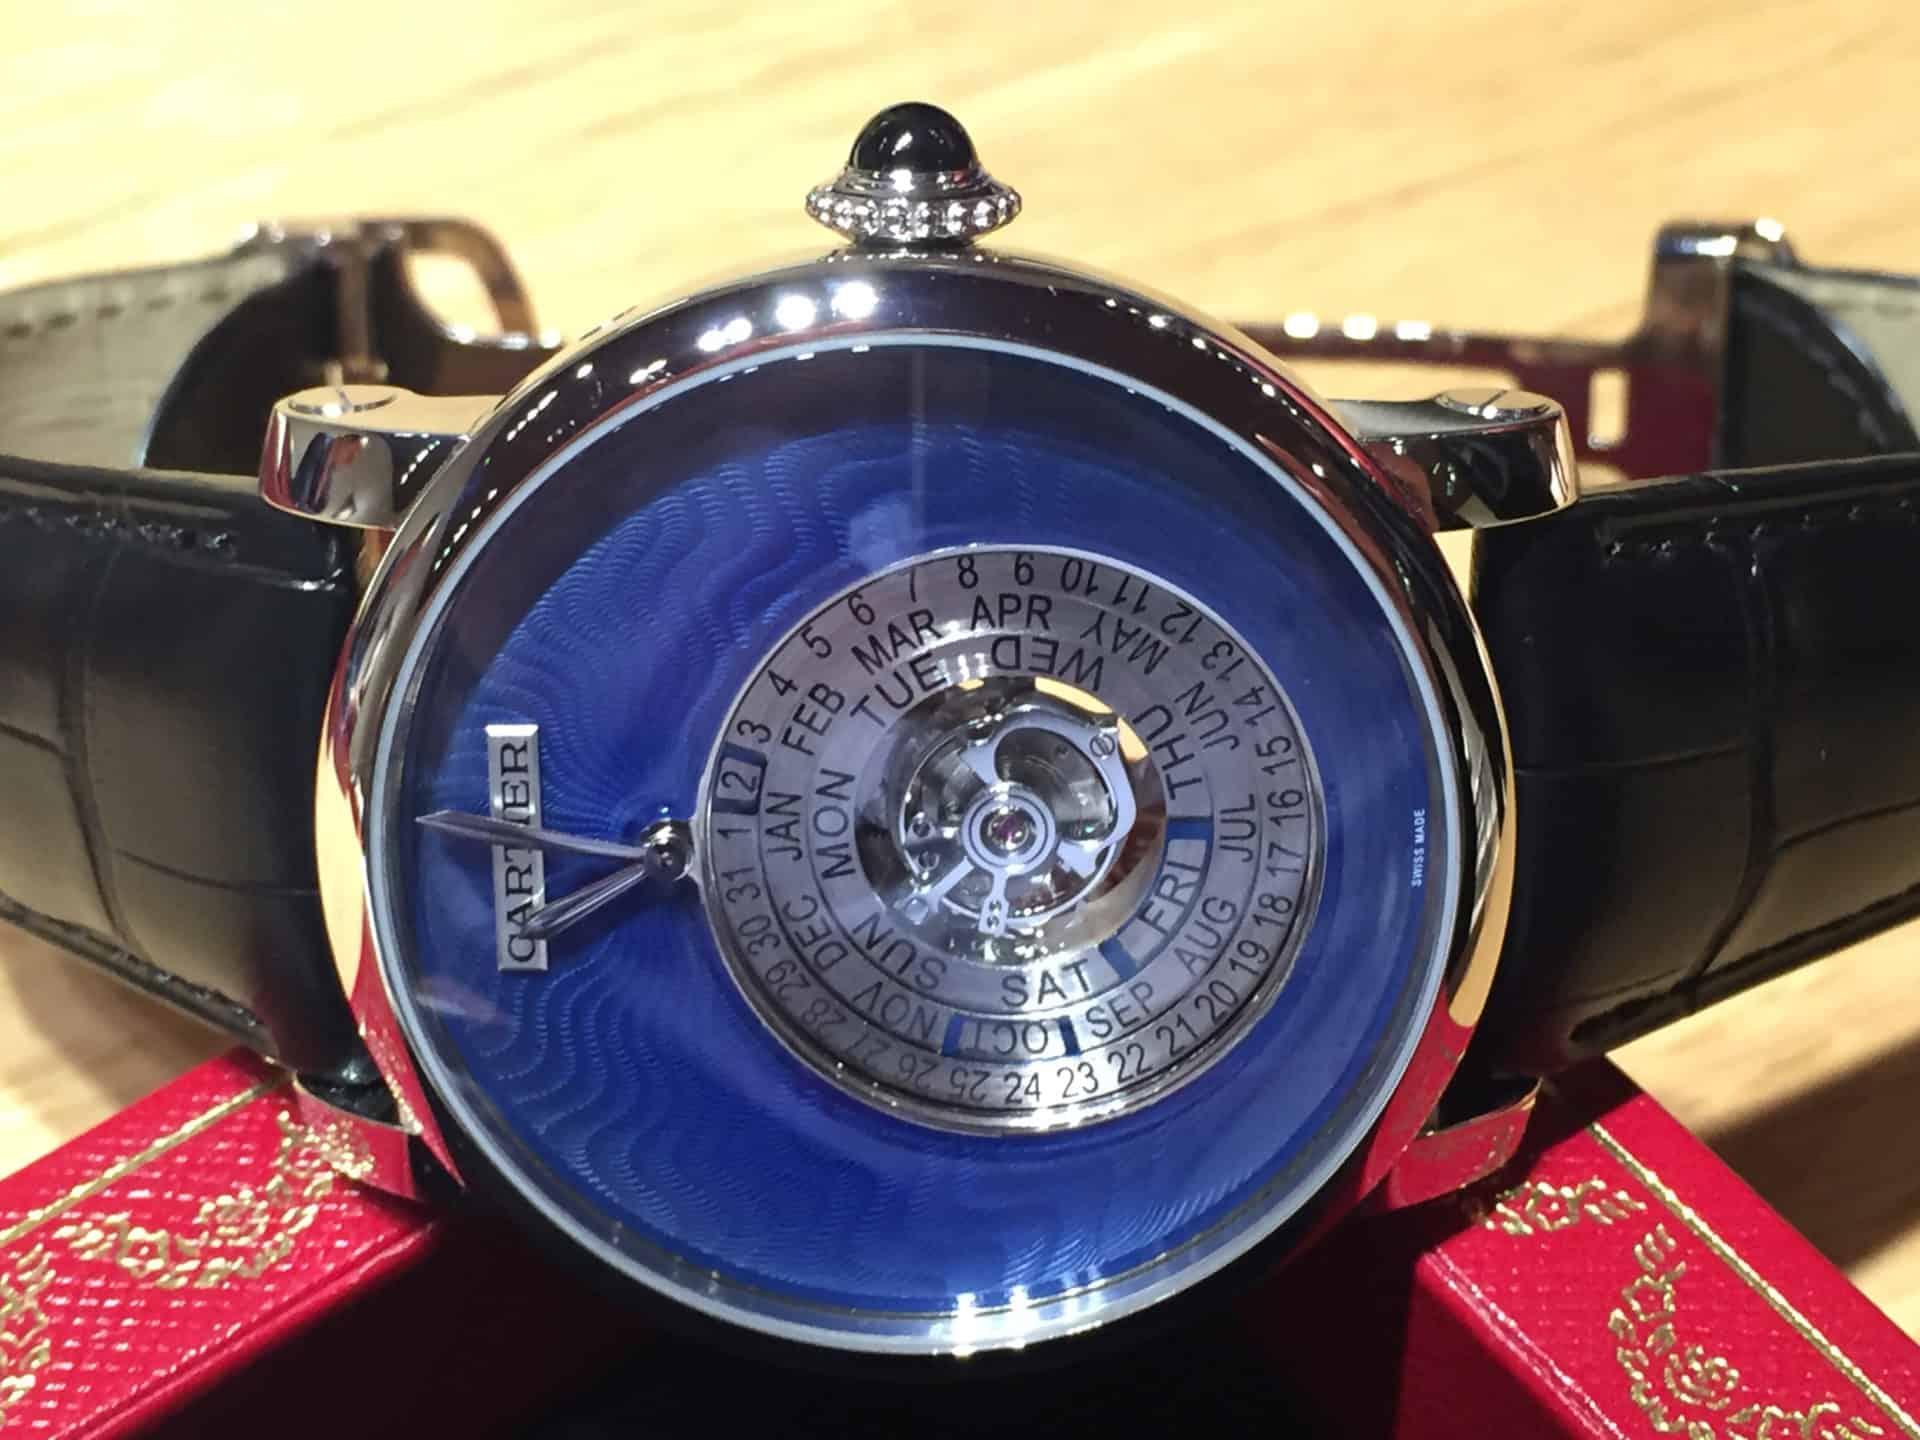 Cartier Astrocalendaire Tourbillon limited. Und wenn Cartier limited meint, ist dies mit 5 Exemplaren auch tatsächlich knapp bemessen. Also in der Stückzahl.